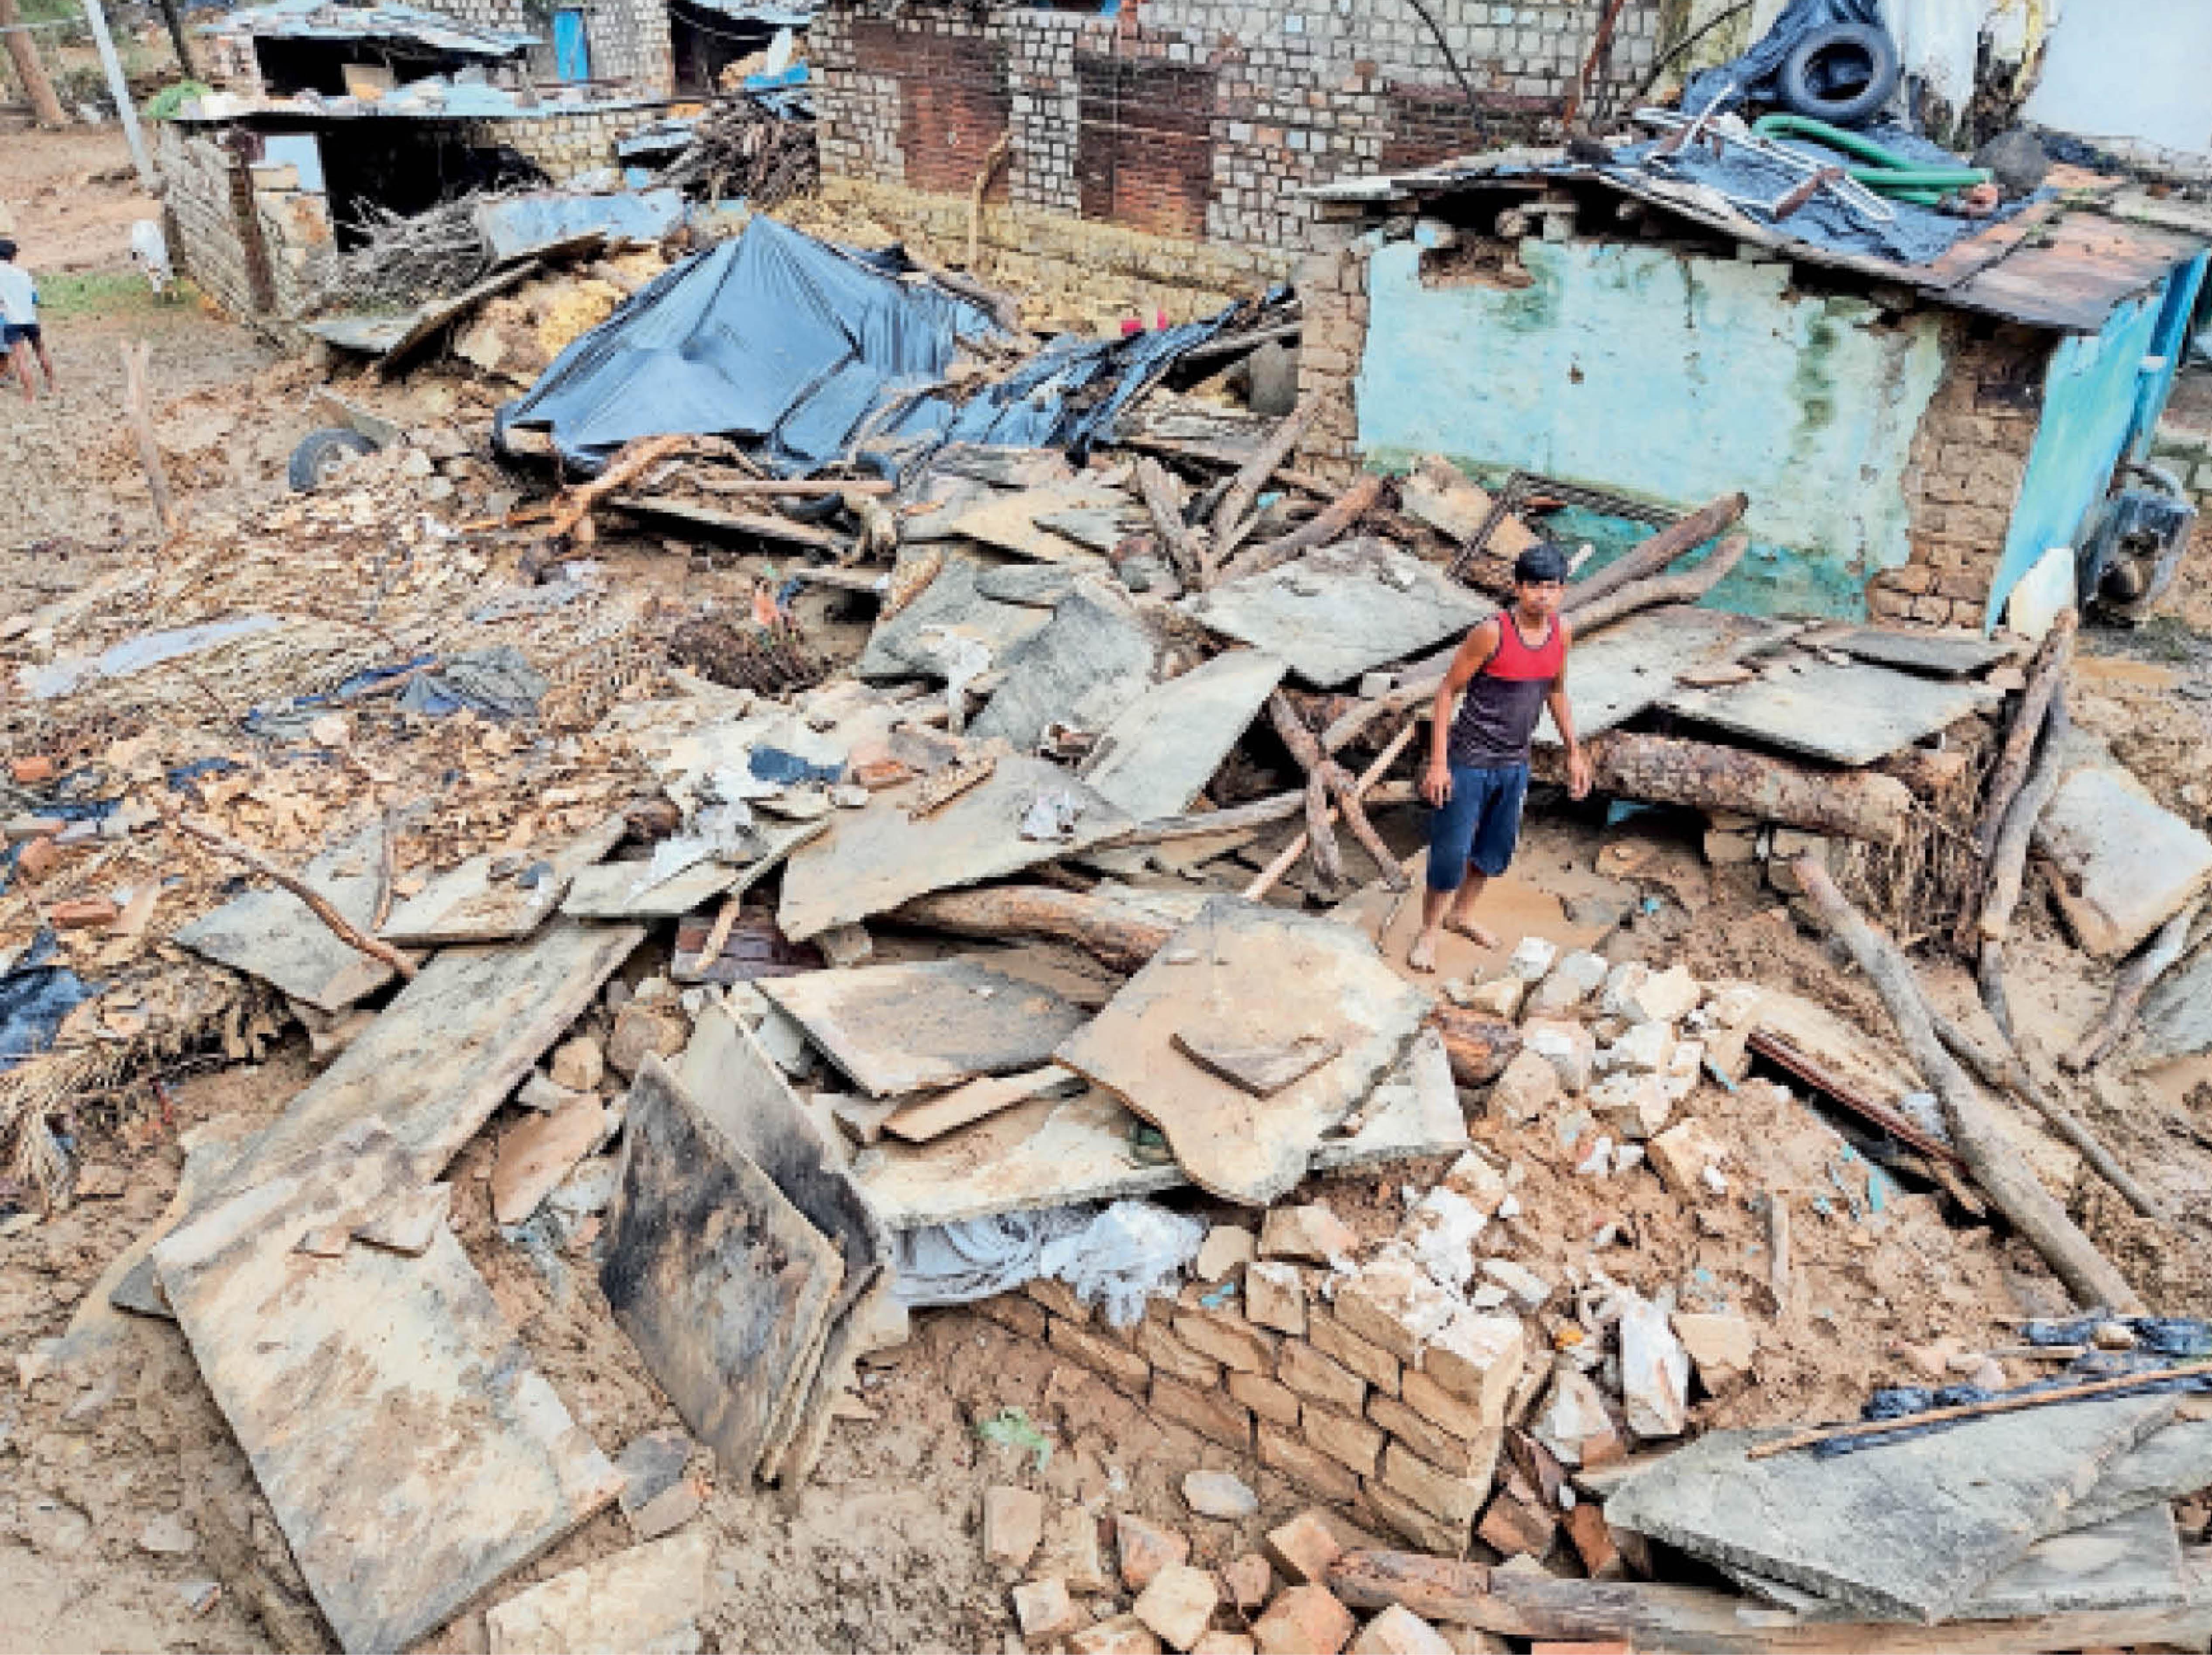 6 जिलों में 10 हजार से ज्यादा परिवारों की गृहस्थी मलबे में दबी, सिंध में उफान से शिवपुरी में फिर बाढ़ के हालात|ग्वालियर,Gwalior - Dainik Bhaskar